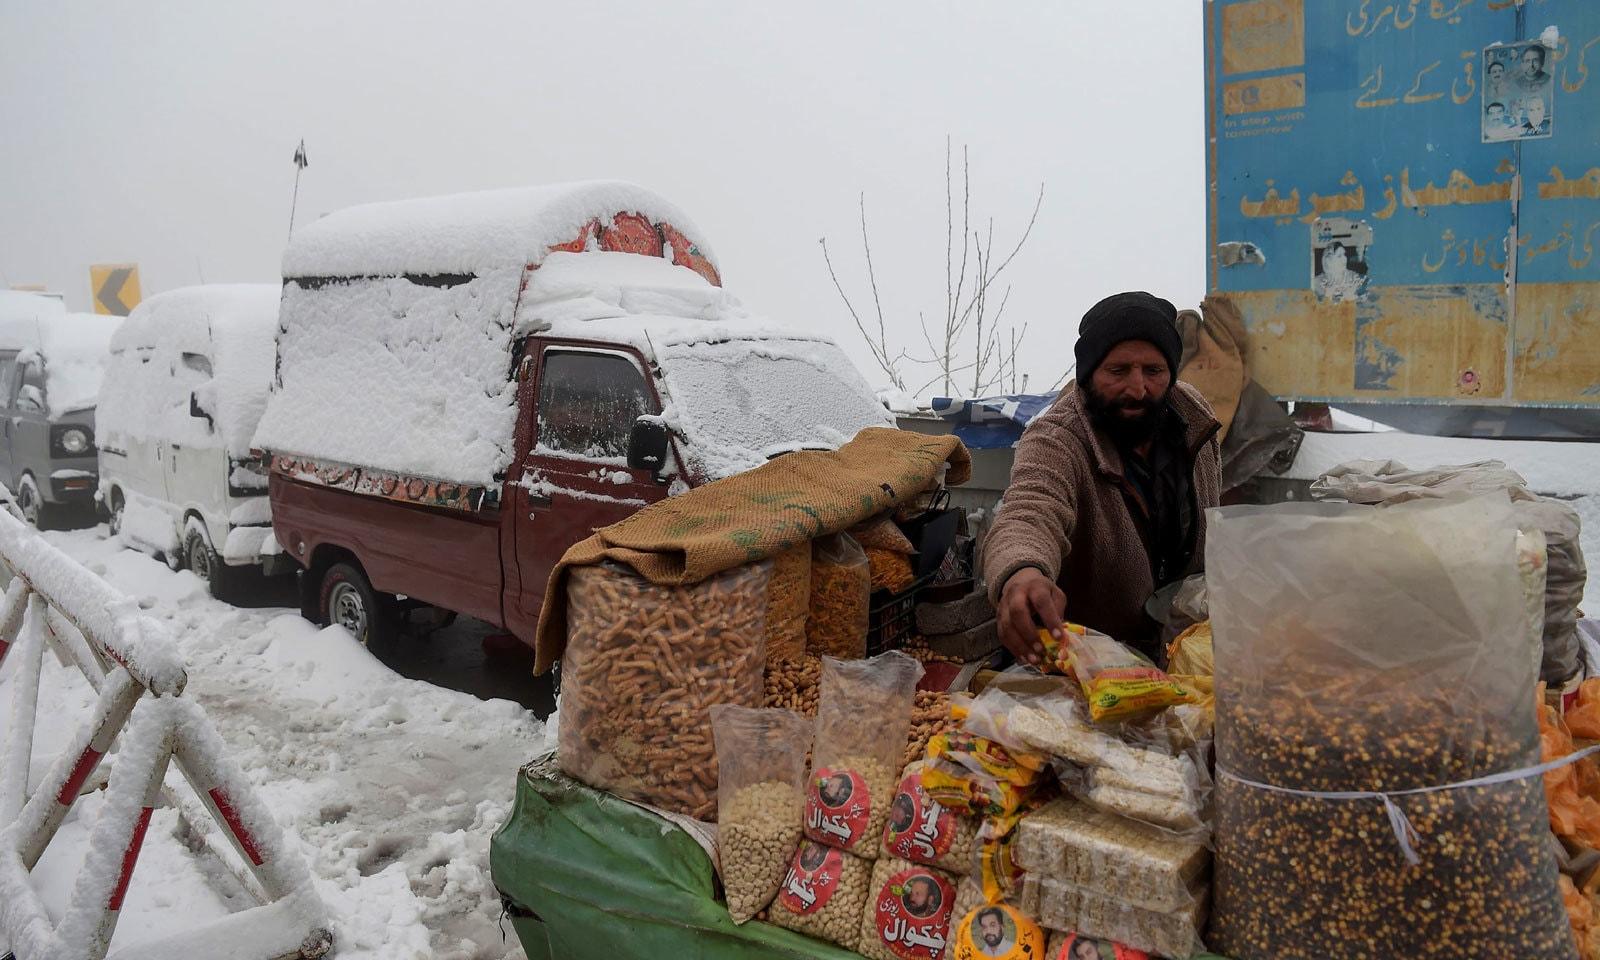 مری میں گاڑیاں برف سے ڈھکی ہوئی نظر آرہی ہیں — فوٹو: اے ایف پی